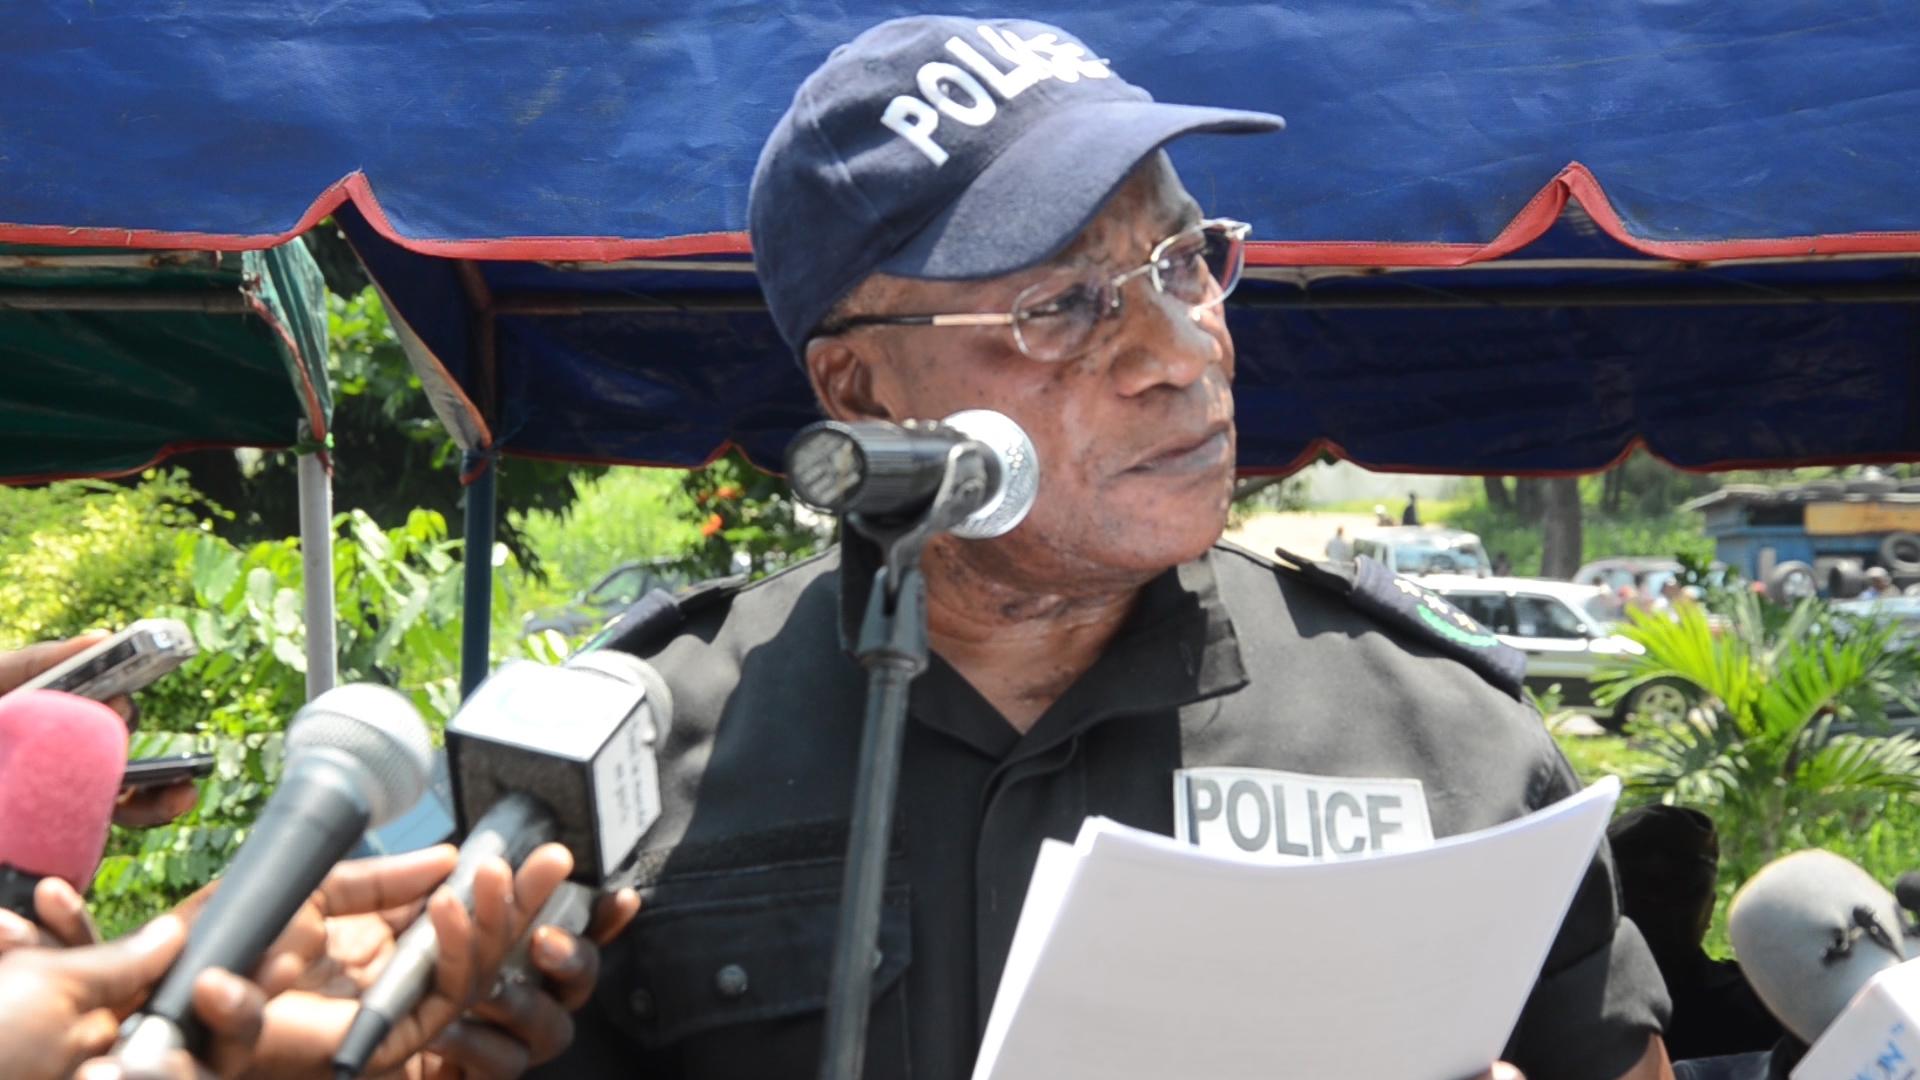 Le Directeur Général de la Police Jean François Ndenguet menace de tuer un syndicaliste [Vidéo]